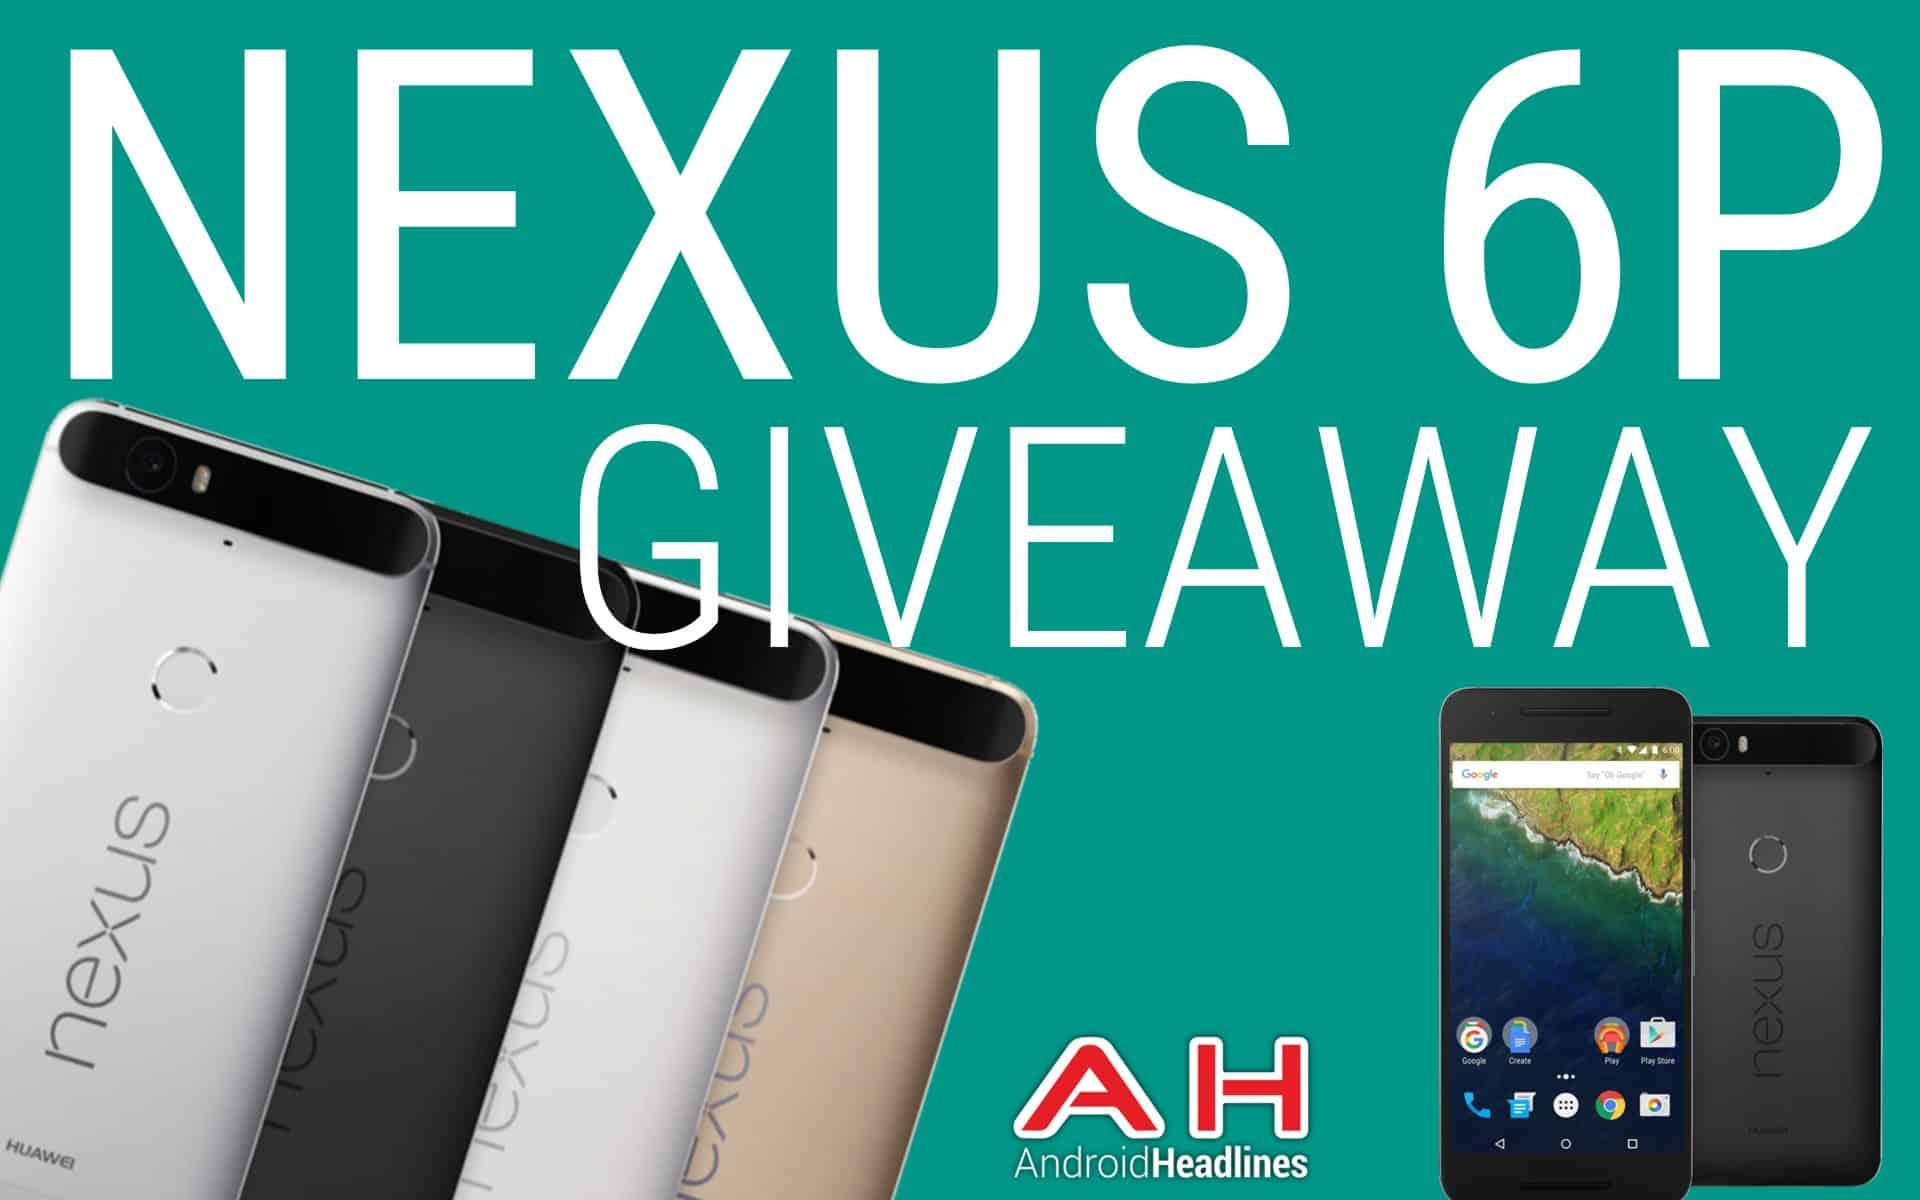 Android Headlines Nexus 6P Giveaway